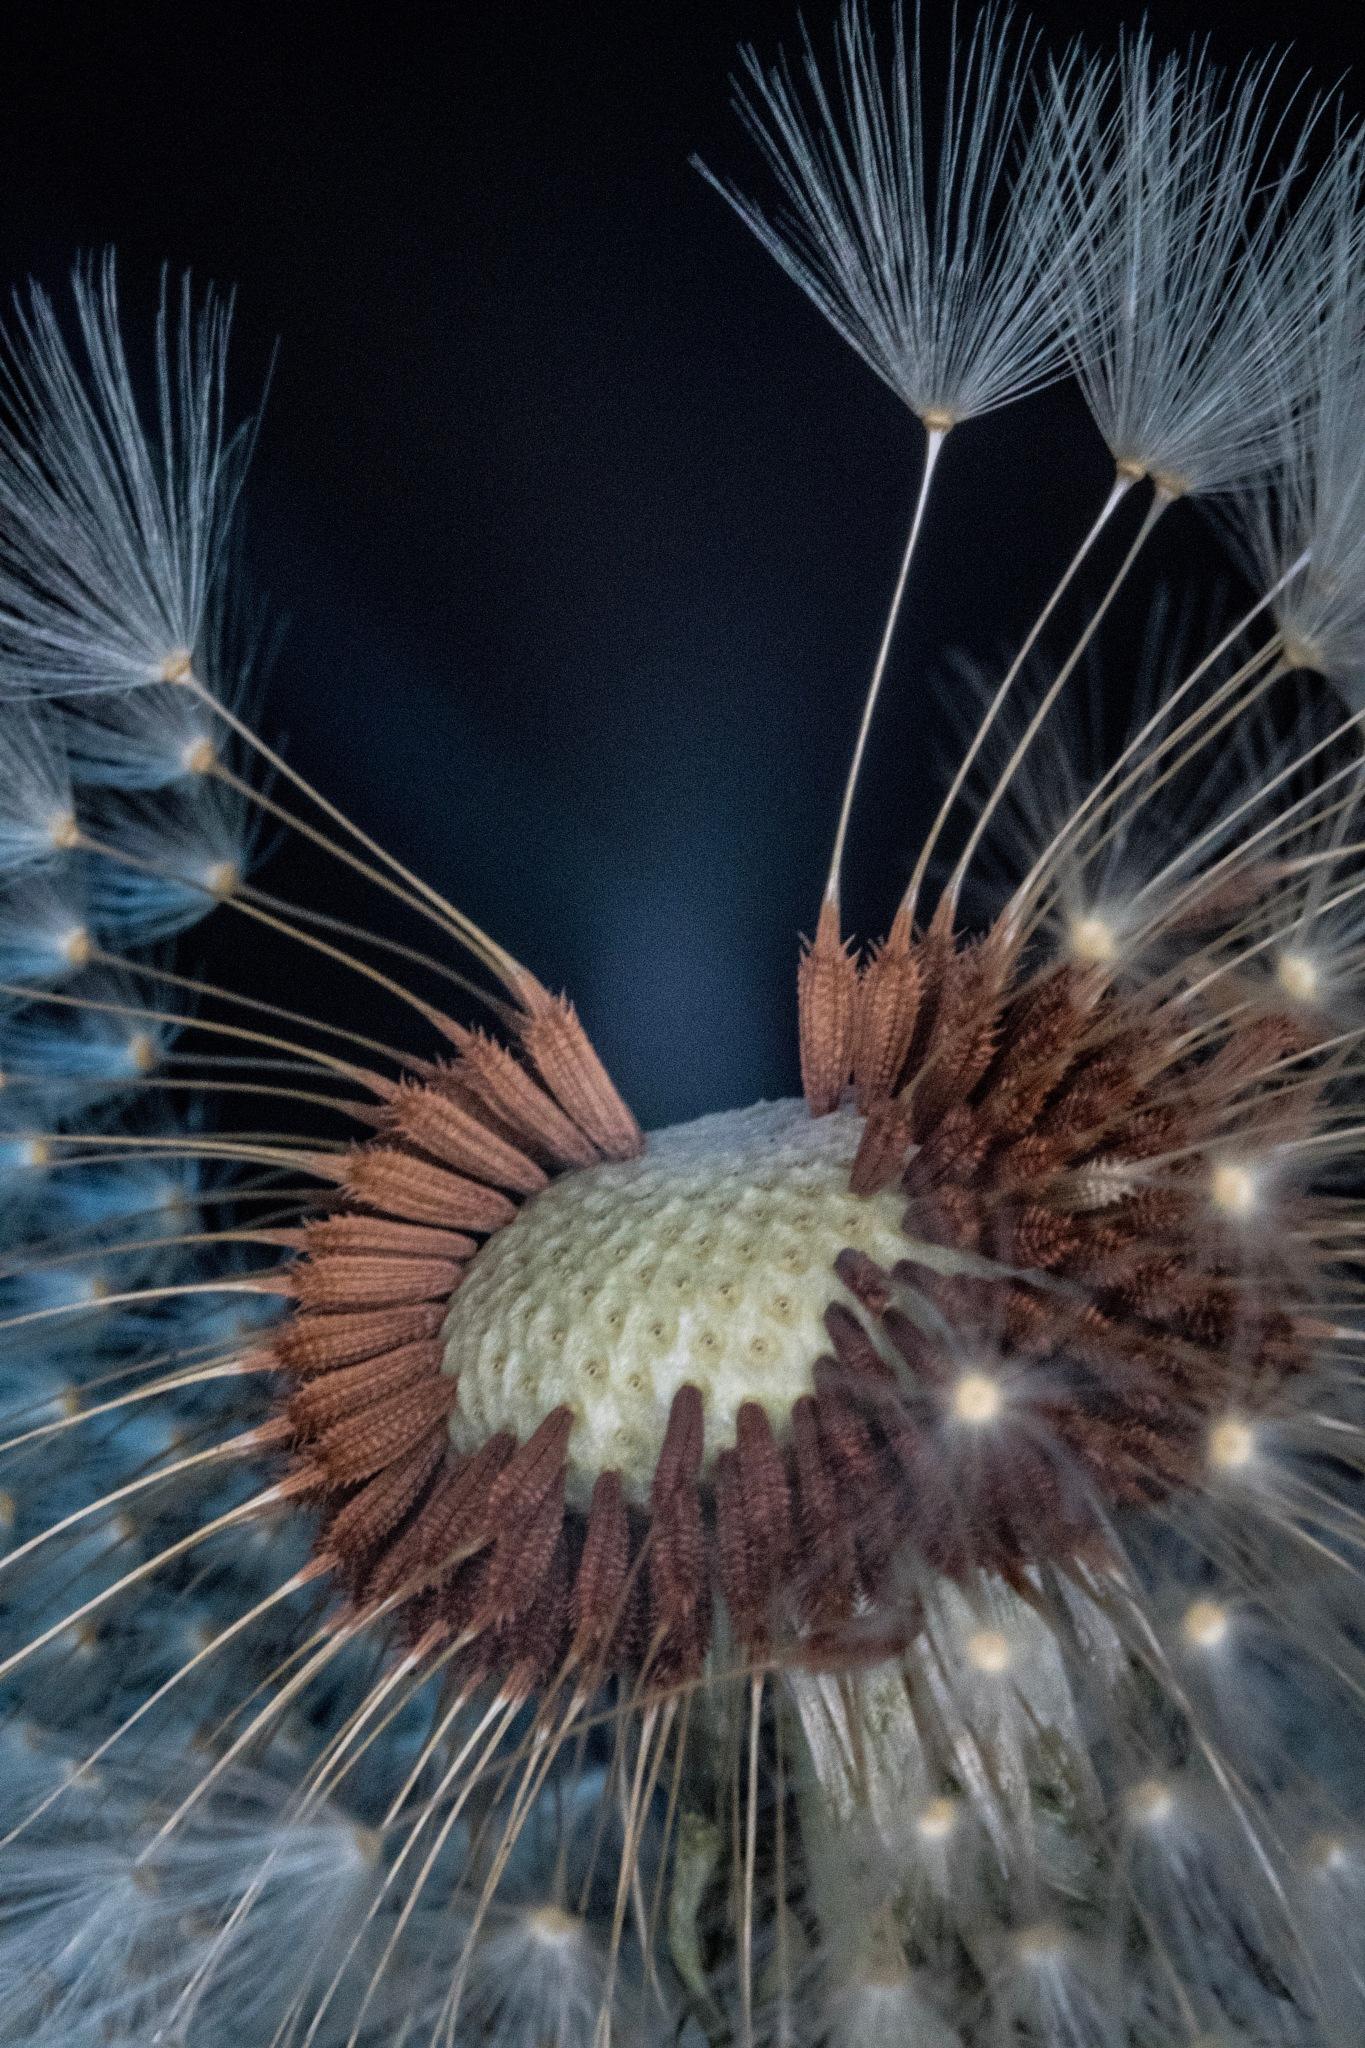 Dandelion #2 by Steve Matten